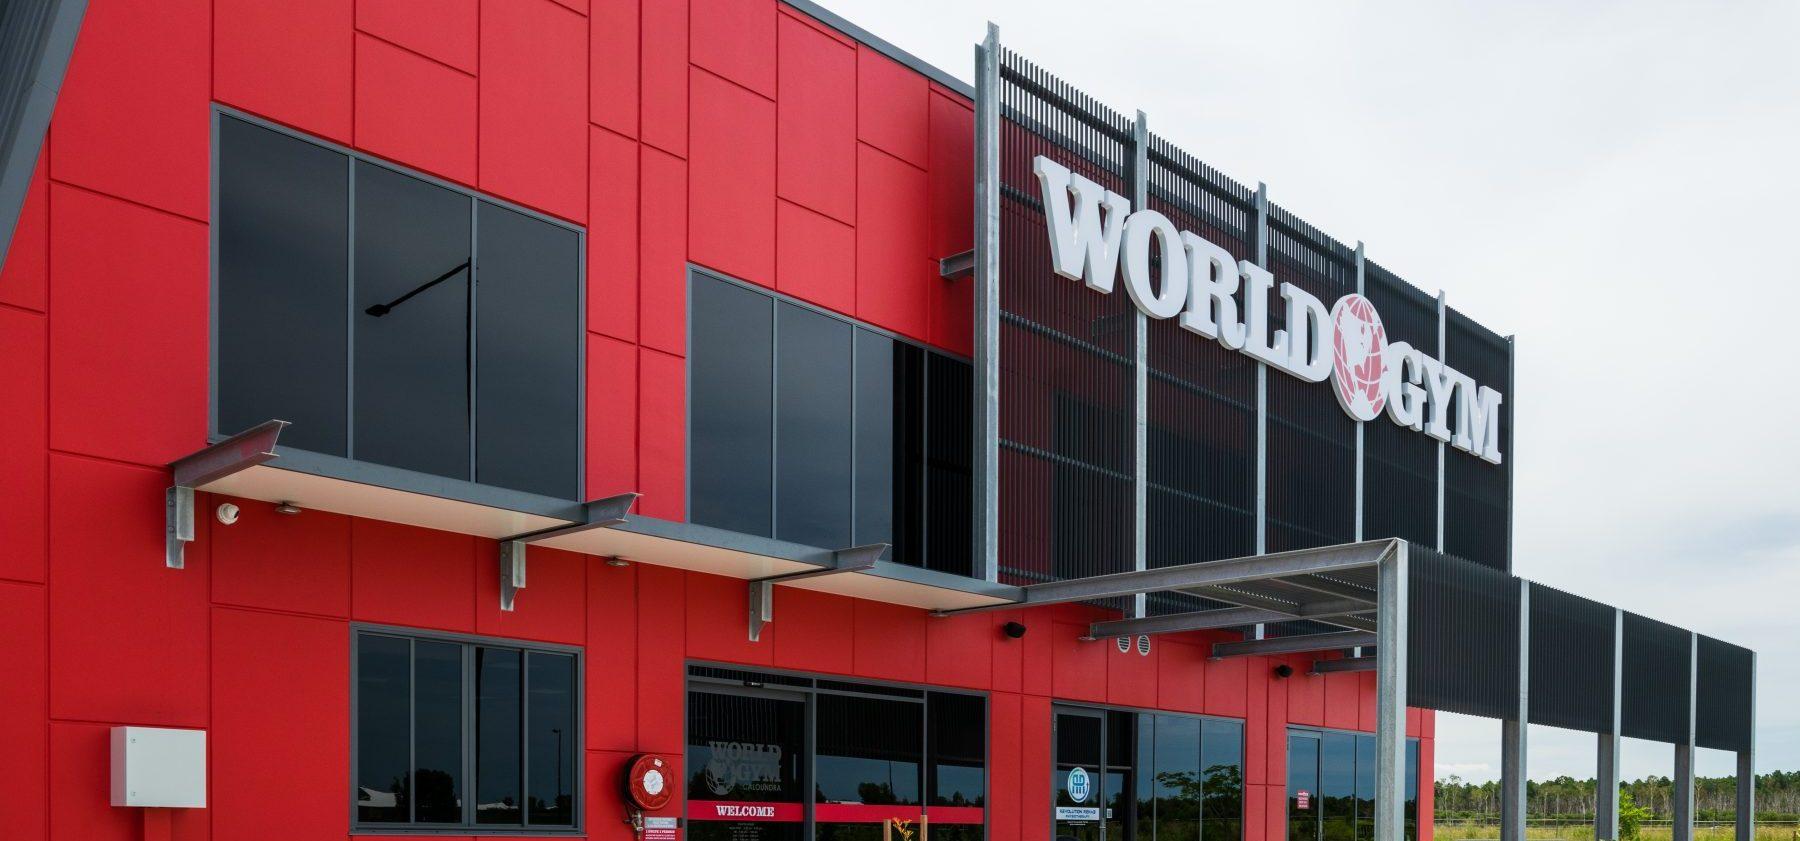 World Gym External